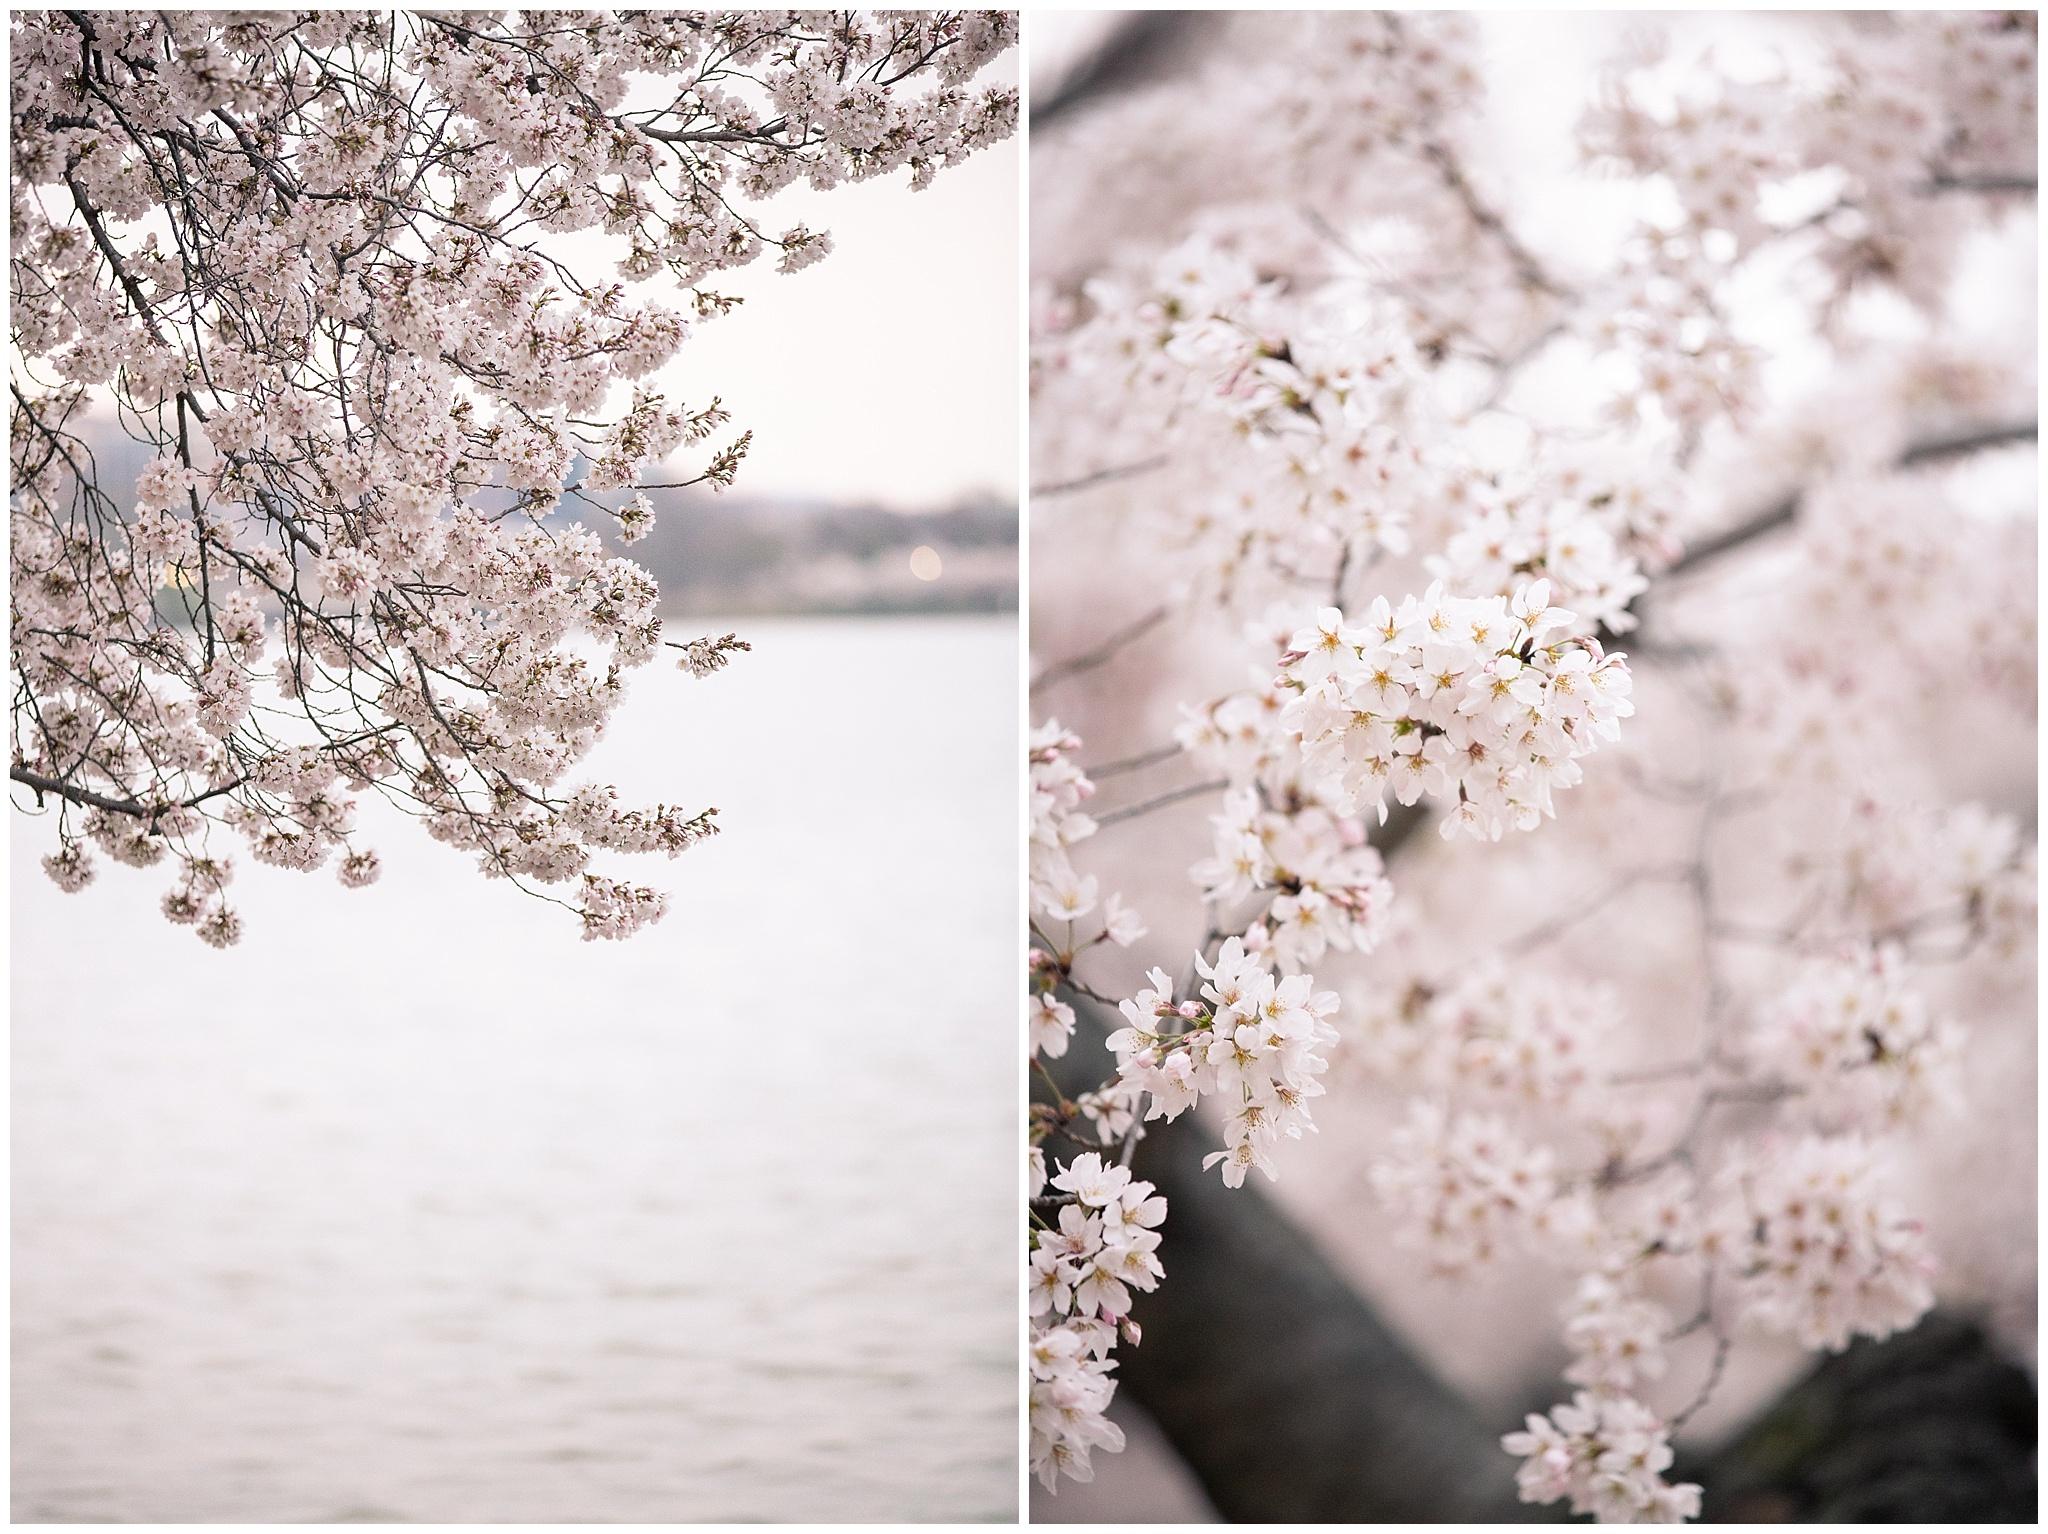 cherryblossoms_0012.jpg